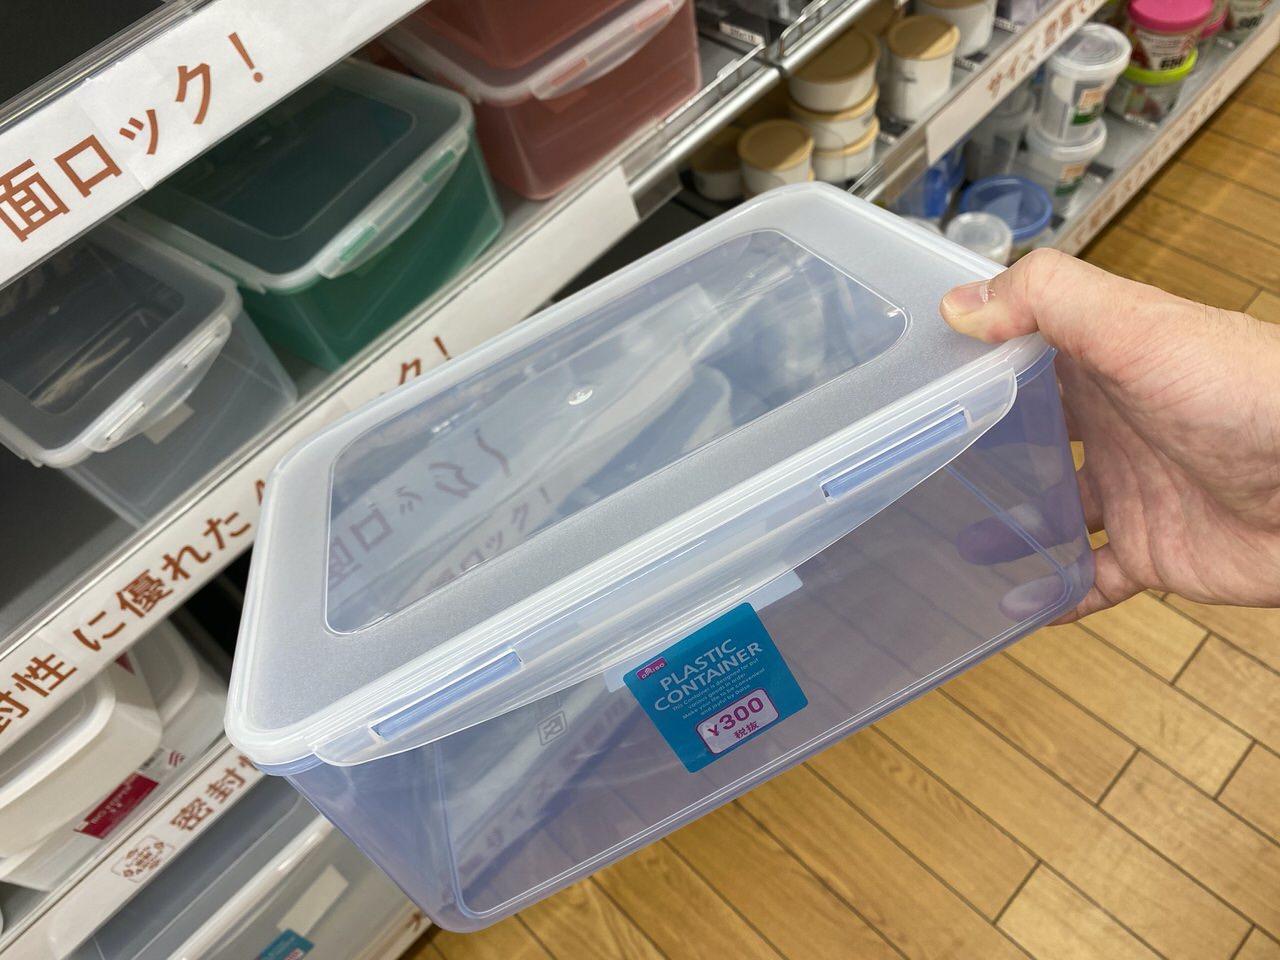 【3Dプリンター】フィラメント用の防湿庫 9